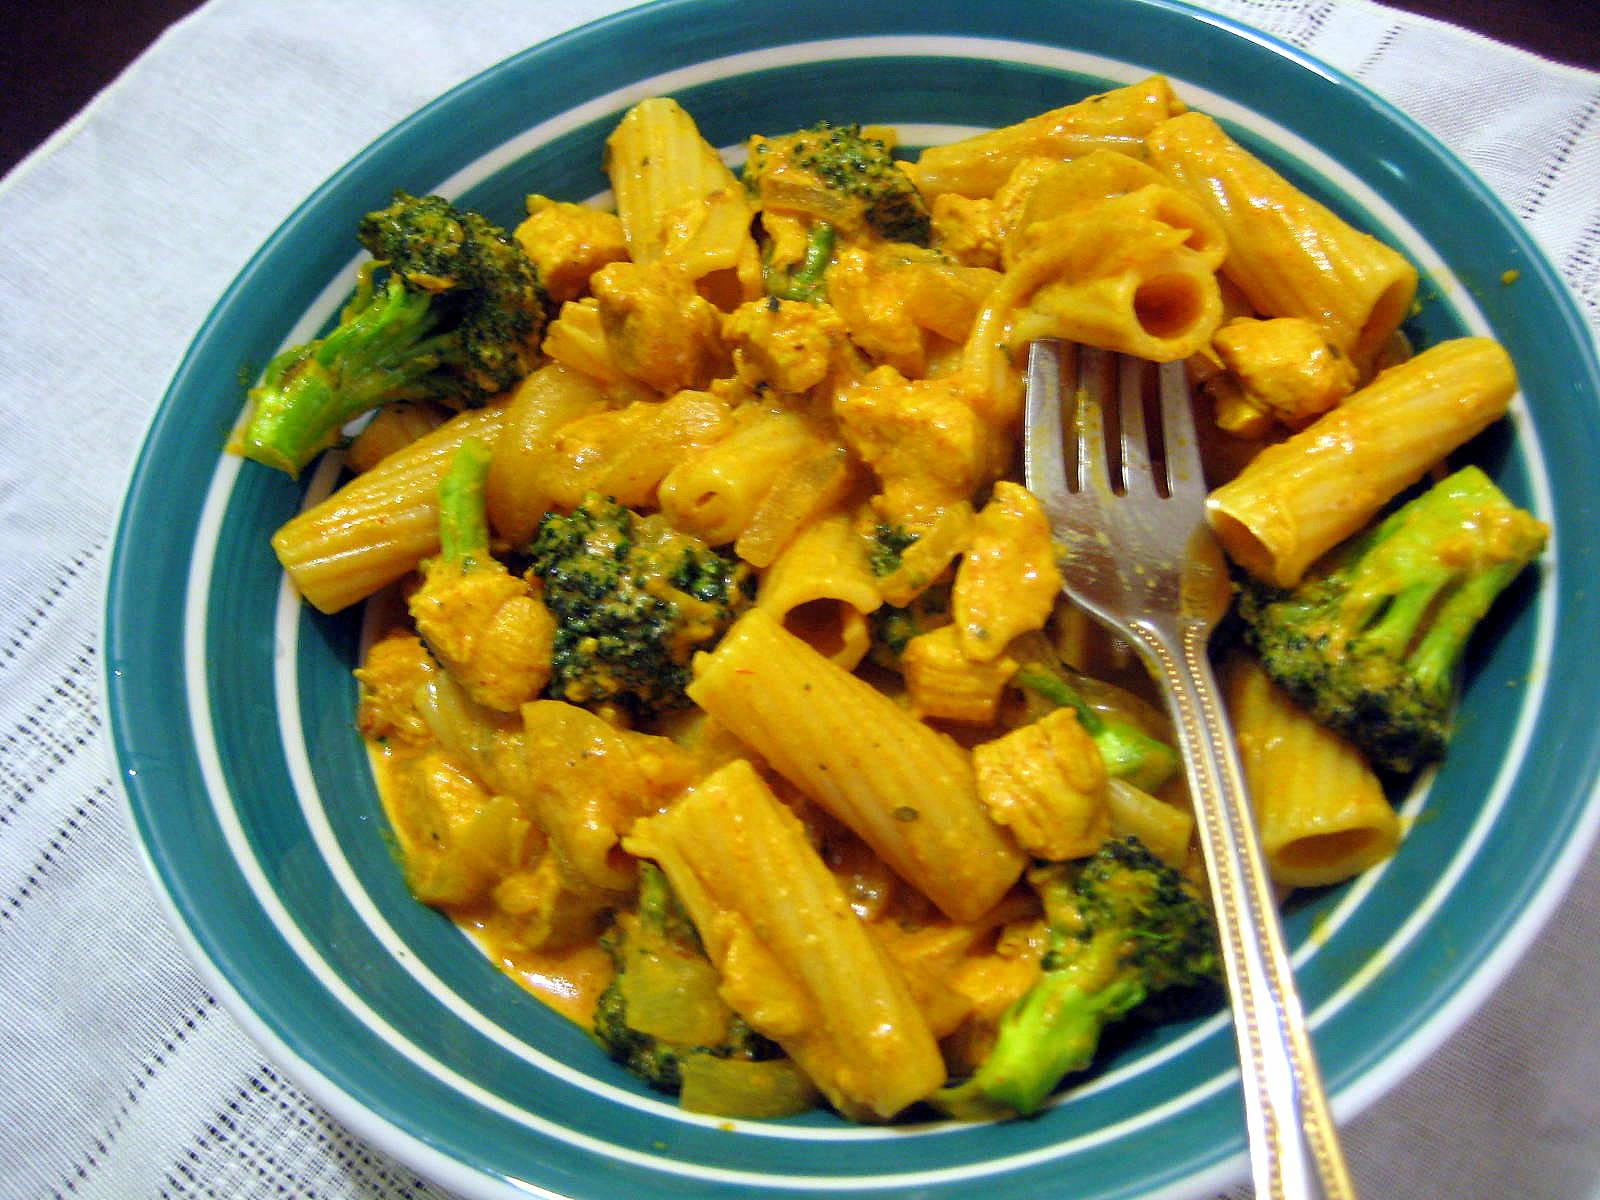 ... and Matt Categories: Chicken Dishes , Dinner Recipes , Pasta Recipes